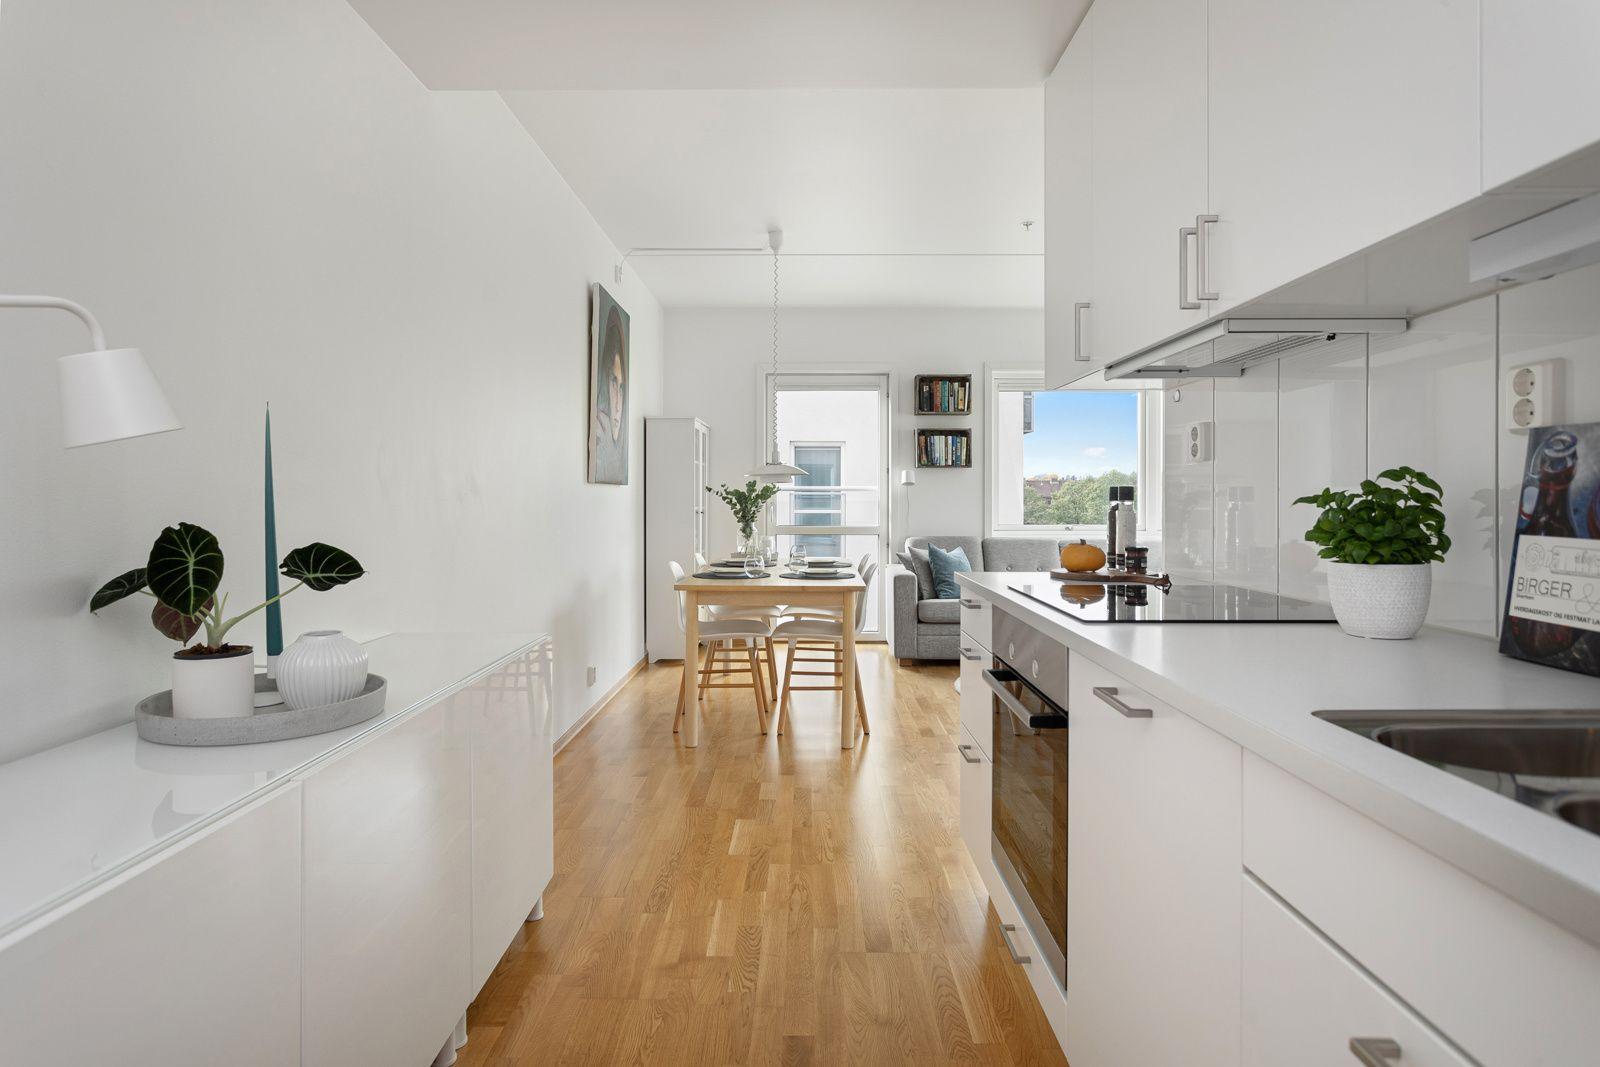 Fernanda Nissens gate 5 B Du har god skap- og benkeplass i innredningen som har hvite glatte fronter og laminert benkeplate med nedfelt oppvaskkum.